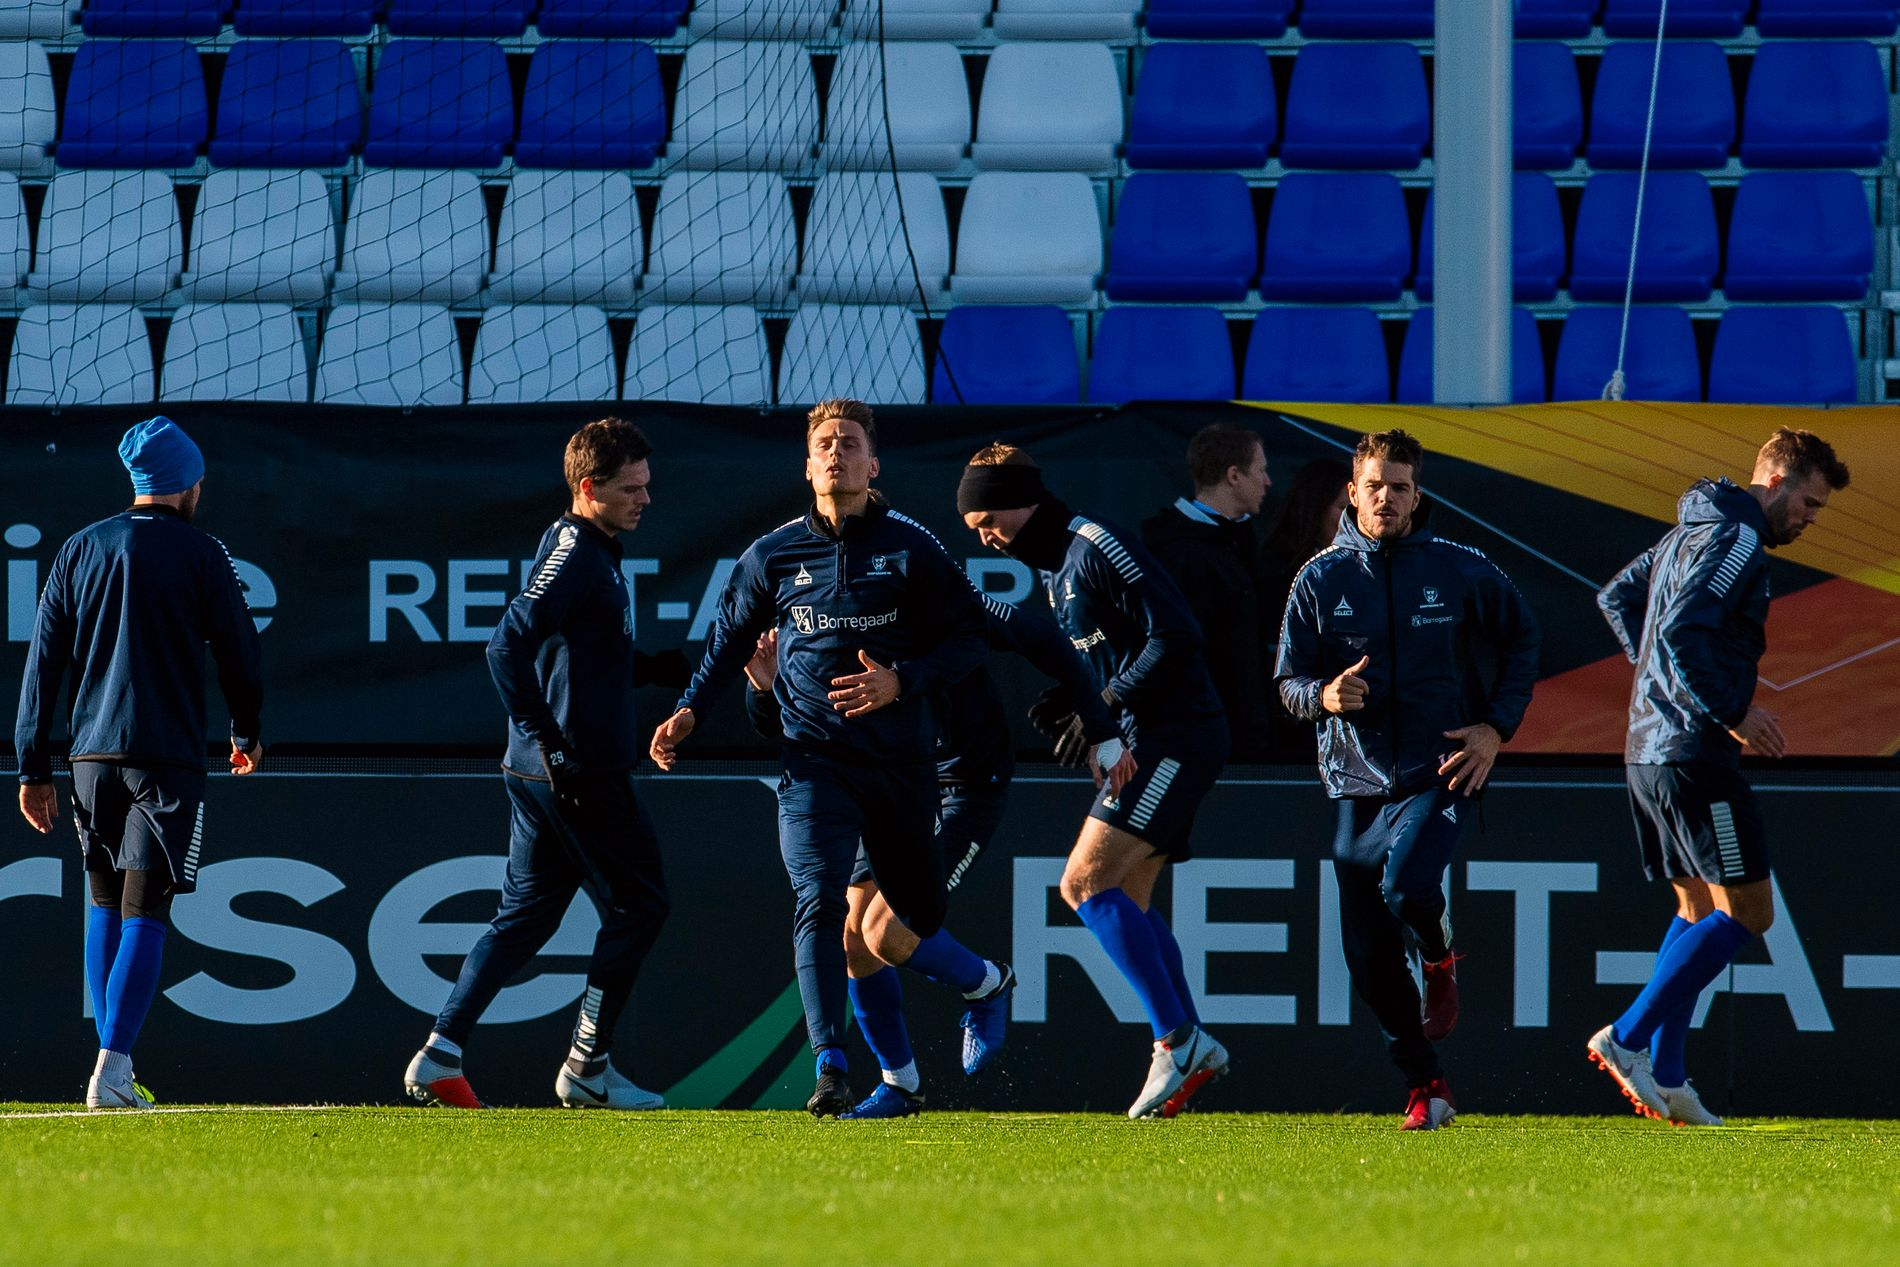 FRONTLØPER: Sarpsborg trener på hjemmebanen dagen før møtet med Malmö i Europa League, og Kristoffer Zachariassen er som vanlig i bevegelse. Bak Jørgen Horn (til venstre), Joonas Tamm, Joachim Thomassen og Patrick Mortensen.